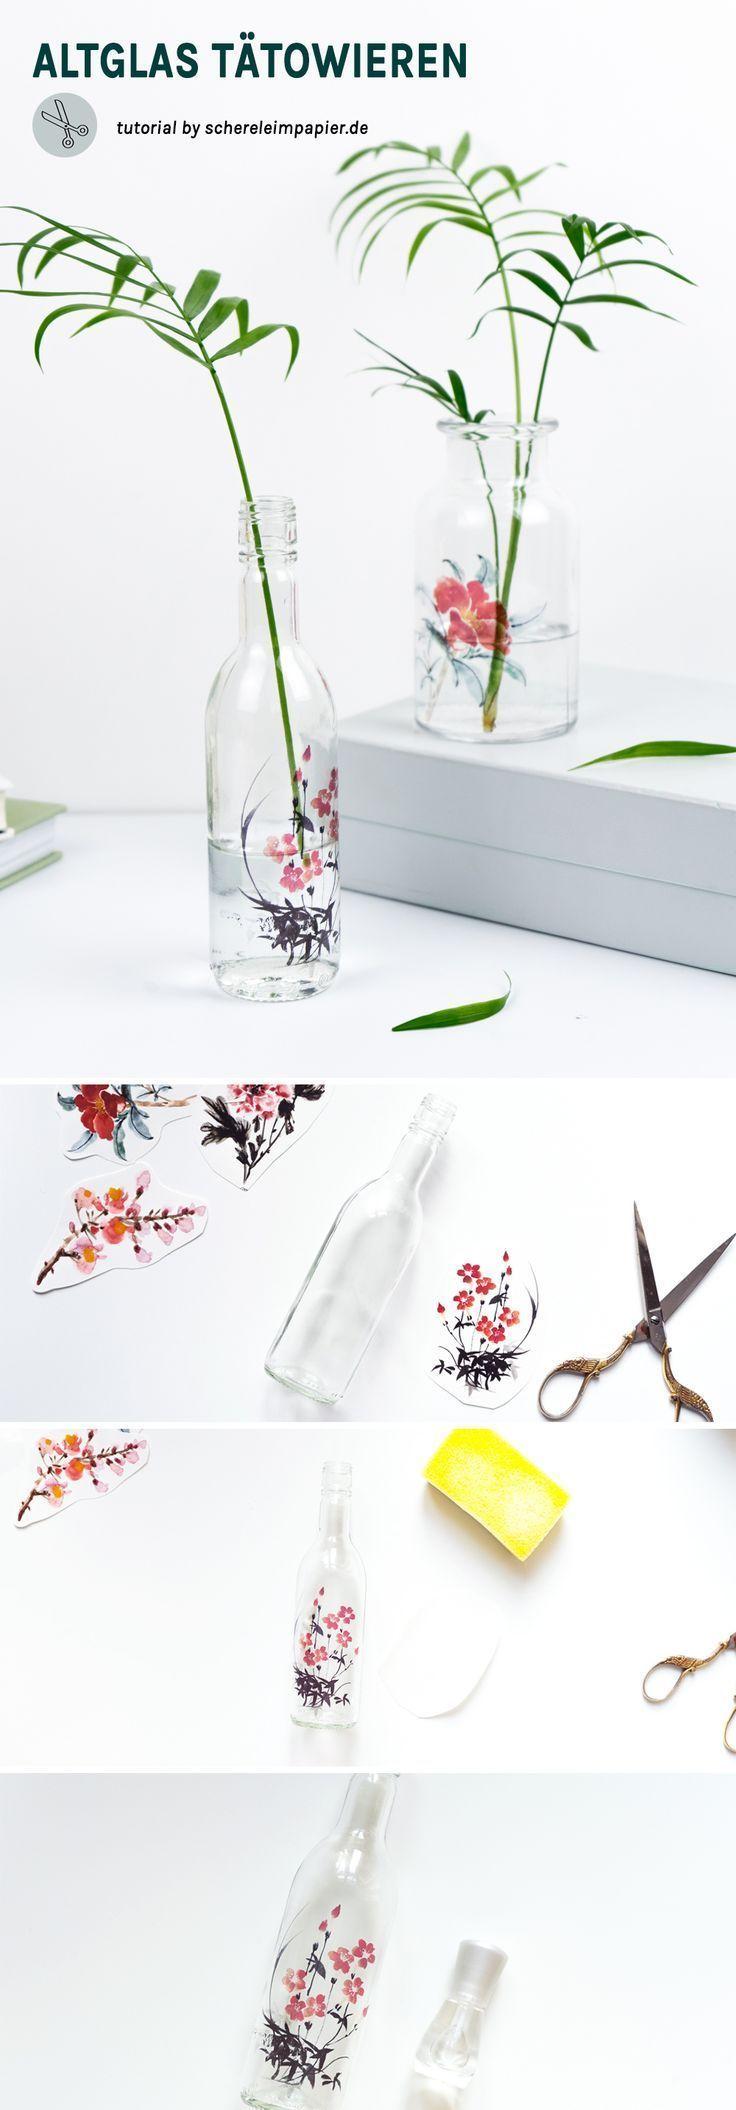 Easy Upcycling Idee mit Altglas: Tätowierte Vasen gestalten #upcyclingideen